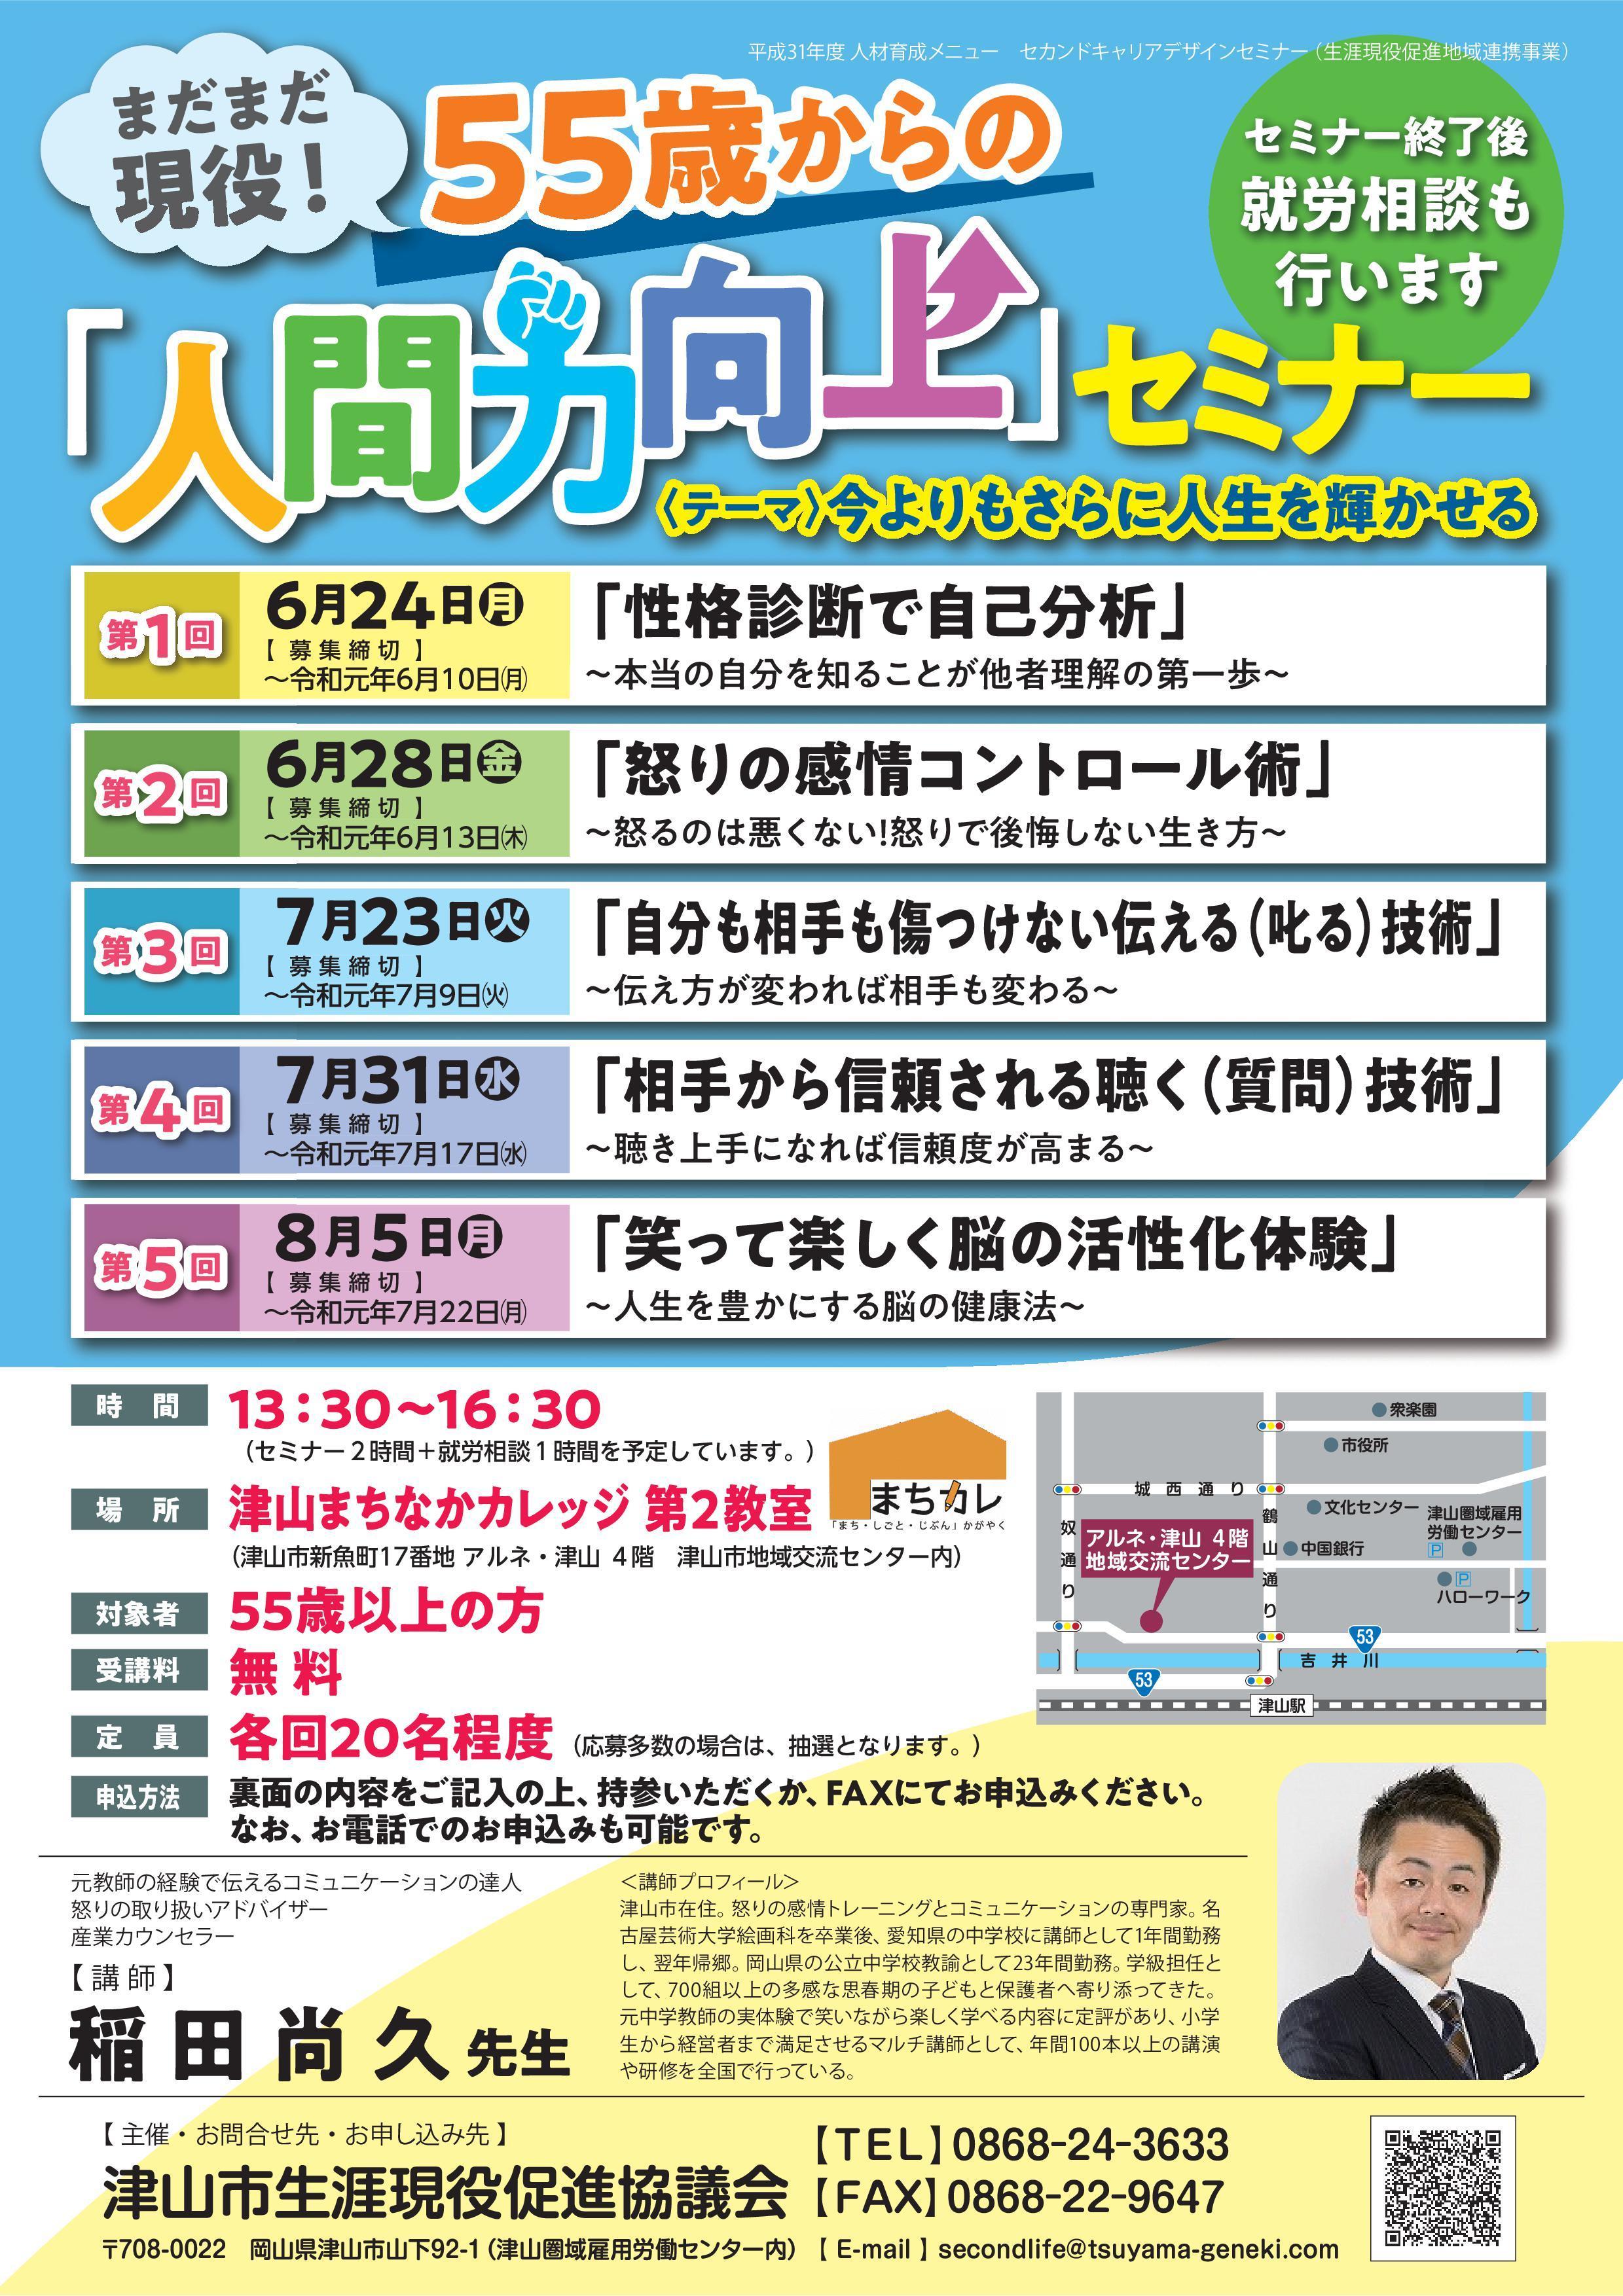 2019年7月31日(水)開催 まだまだ現役!55歳からの「人間力向上」セミナーのお知らせ